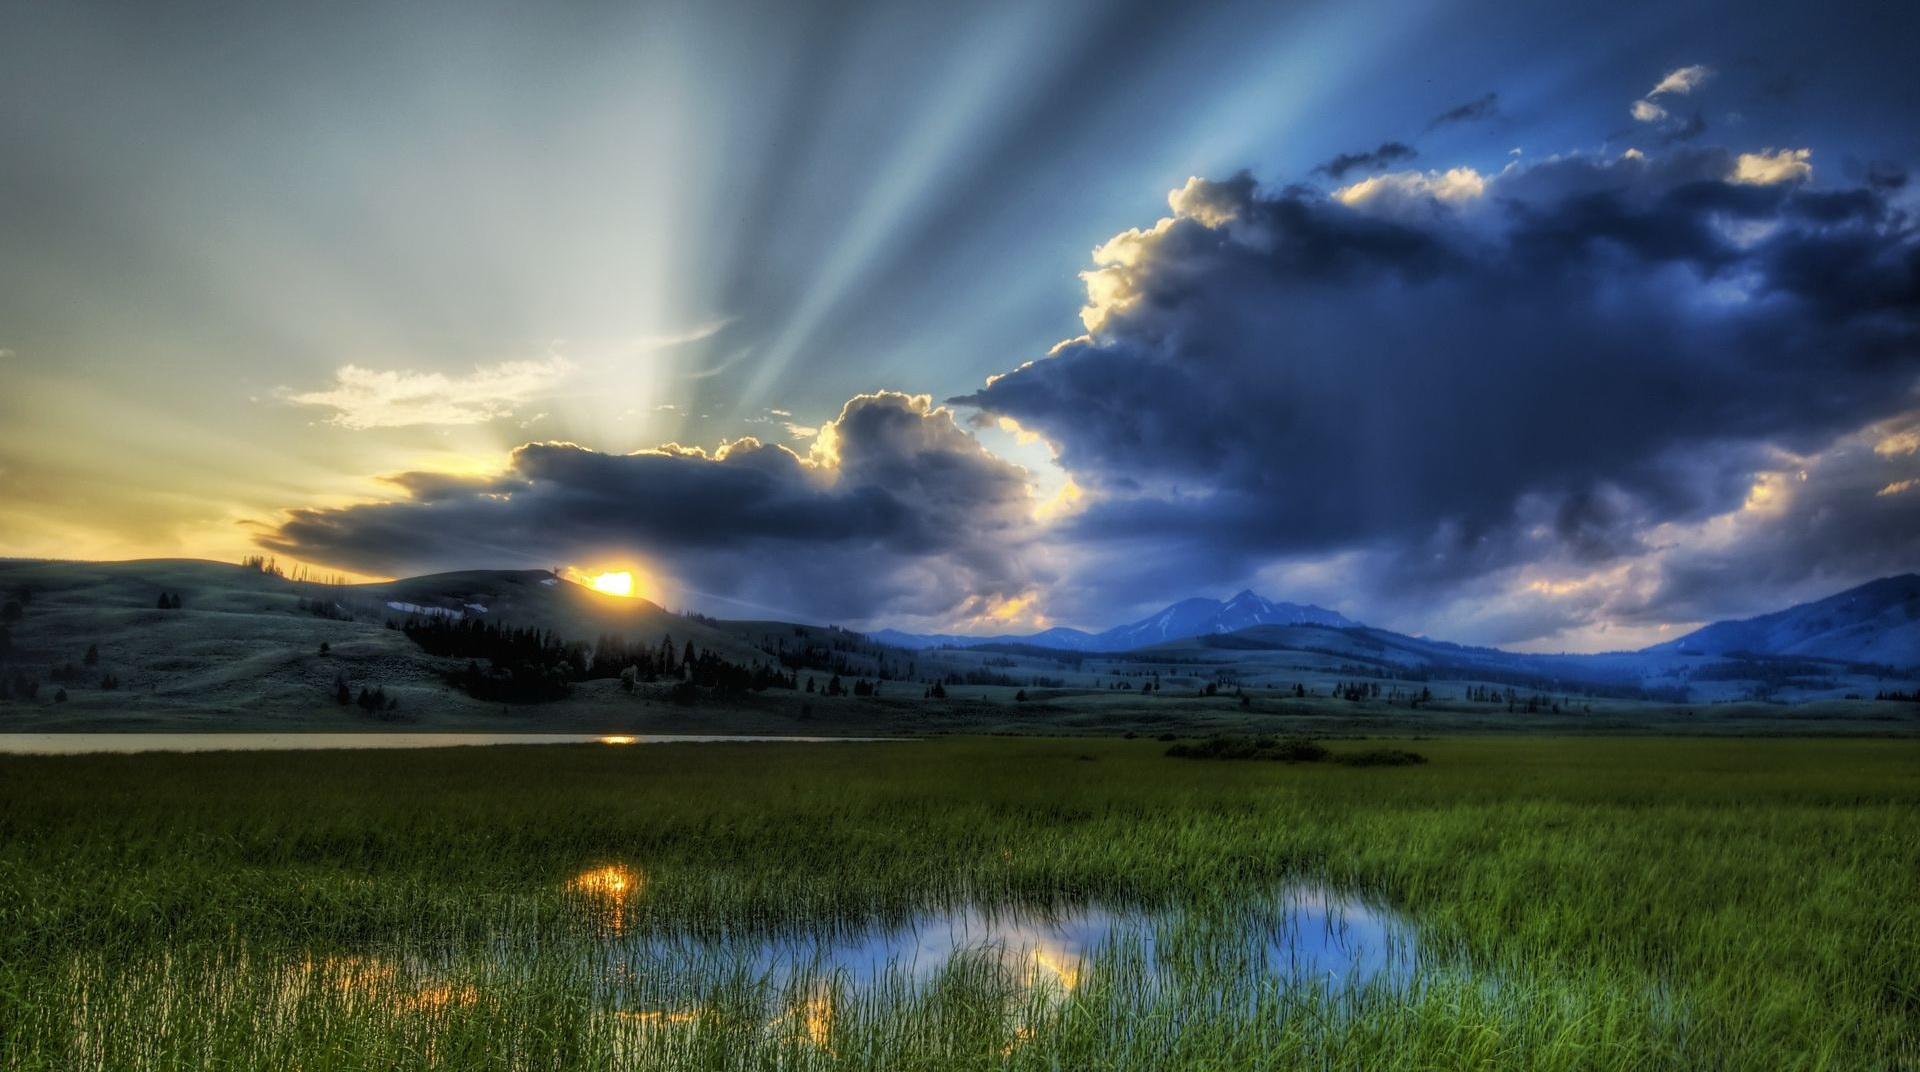 bright landscape wallpaper - photo #16